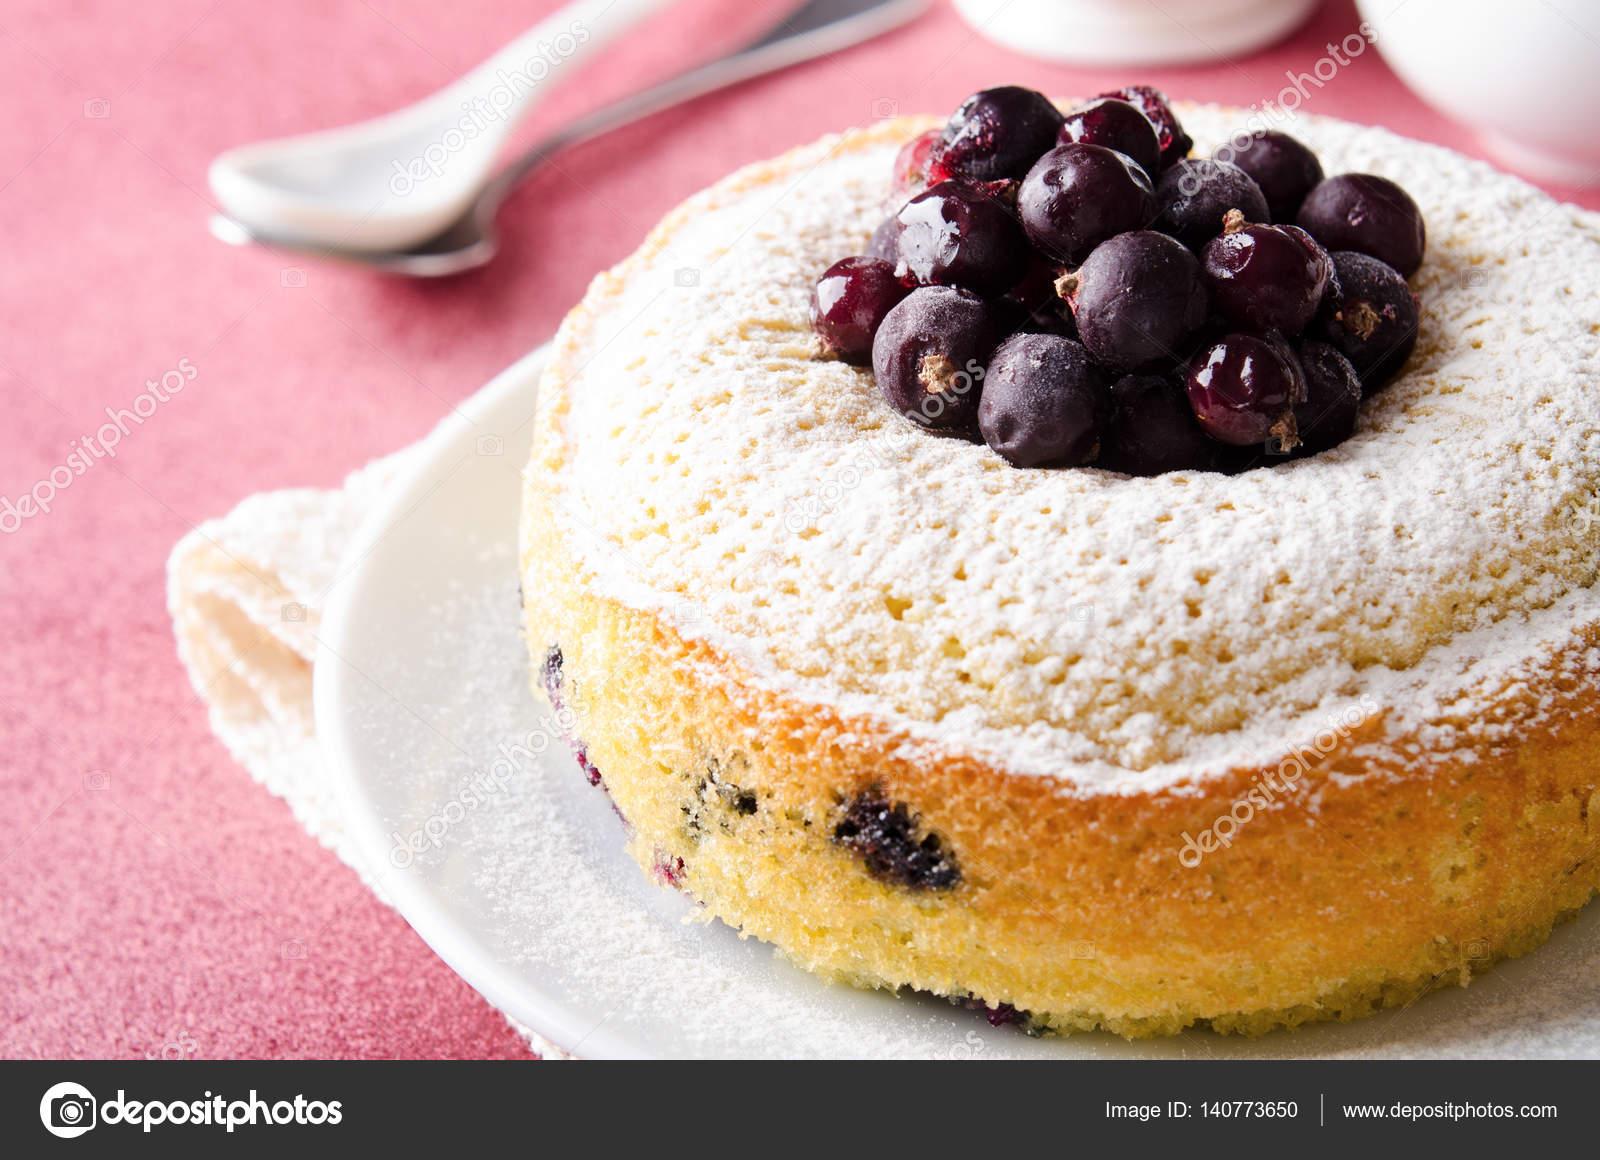 Schwarze Johannisbeeren Kuchen Auf Rosa Hintergrund Mit Tee